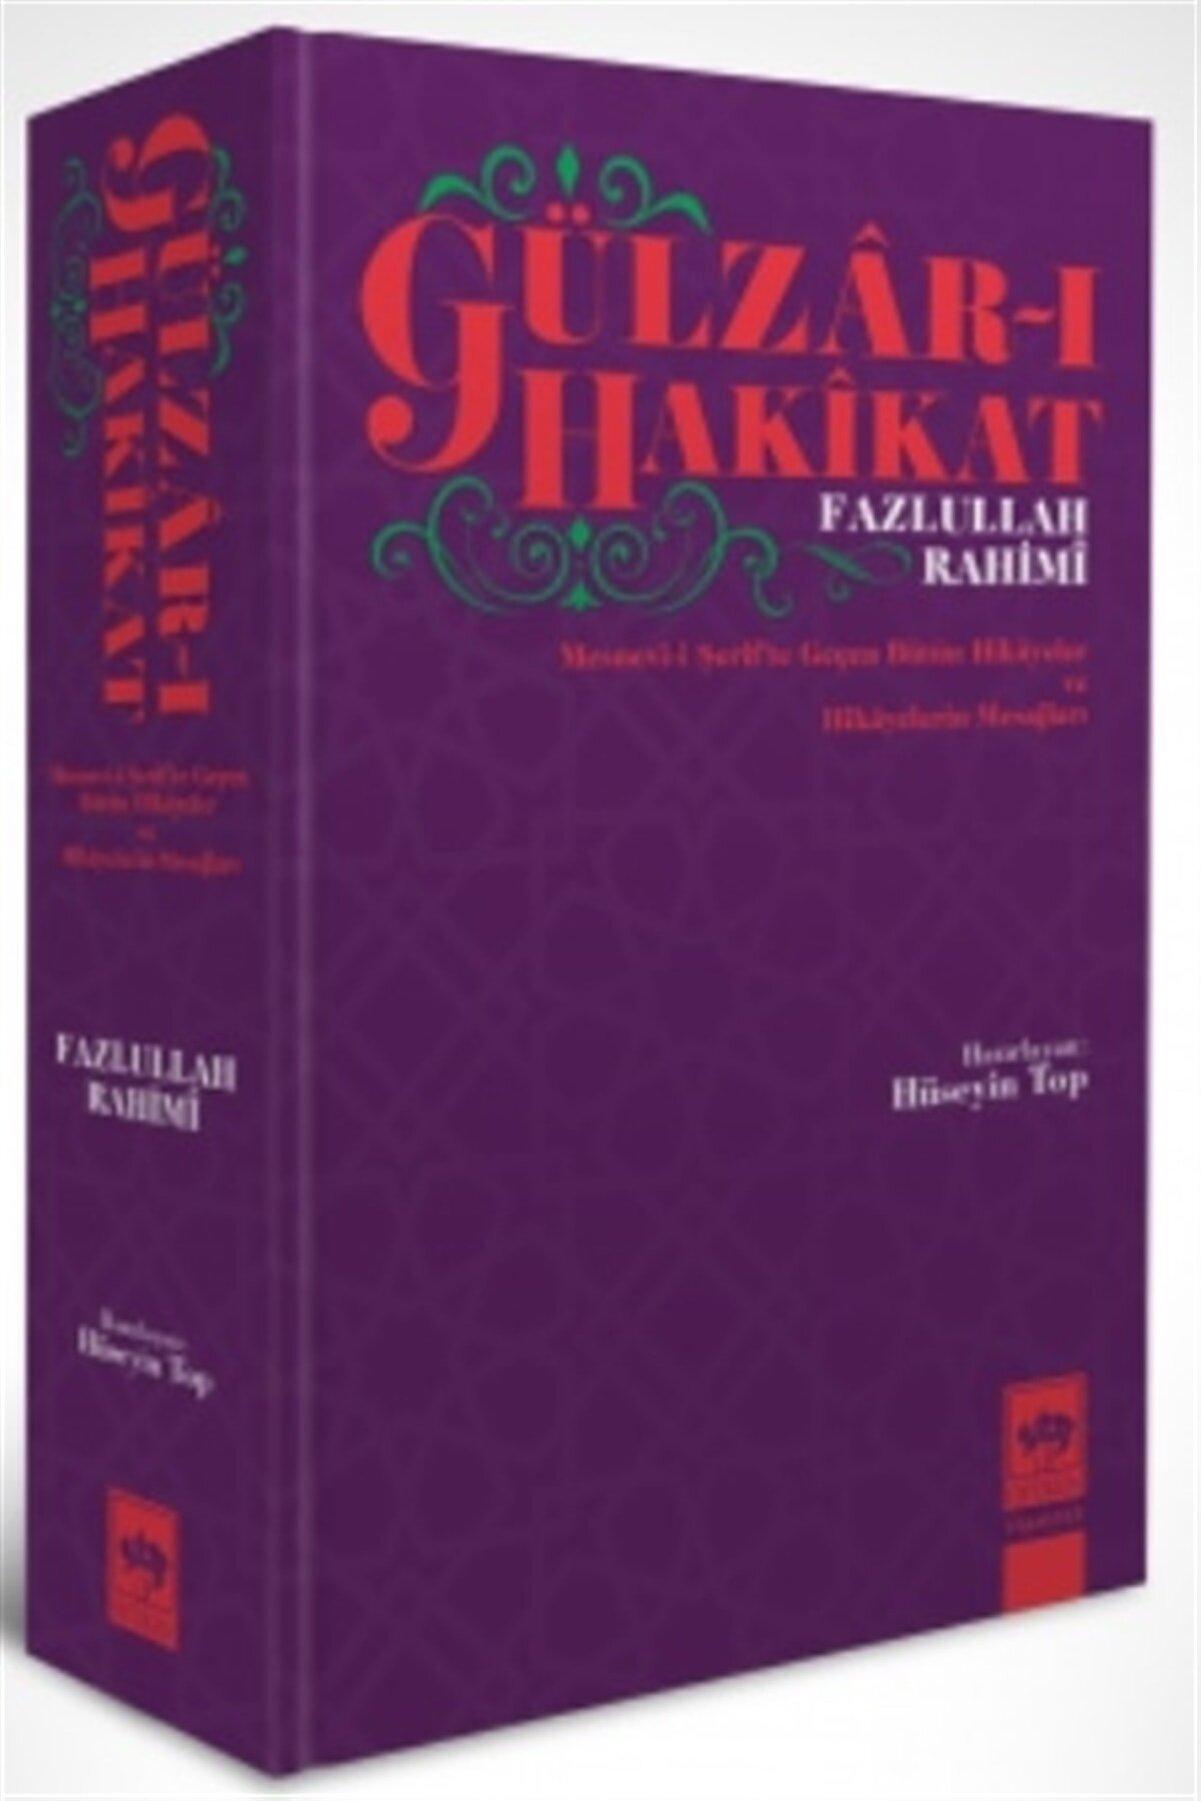 Ötüken Yayınları Gülzar-ı Hakikat - Fazlullah Rahimi 9786254080920